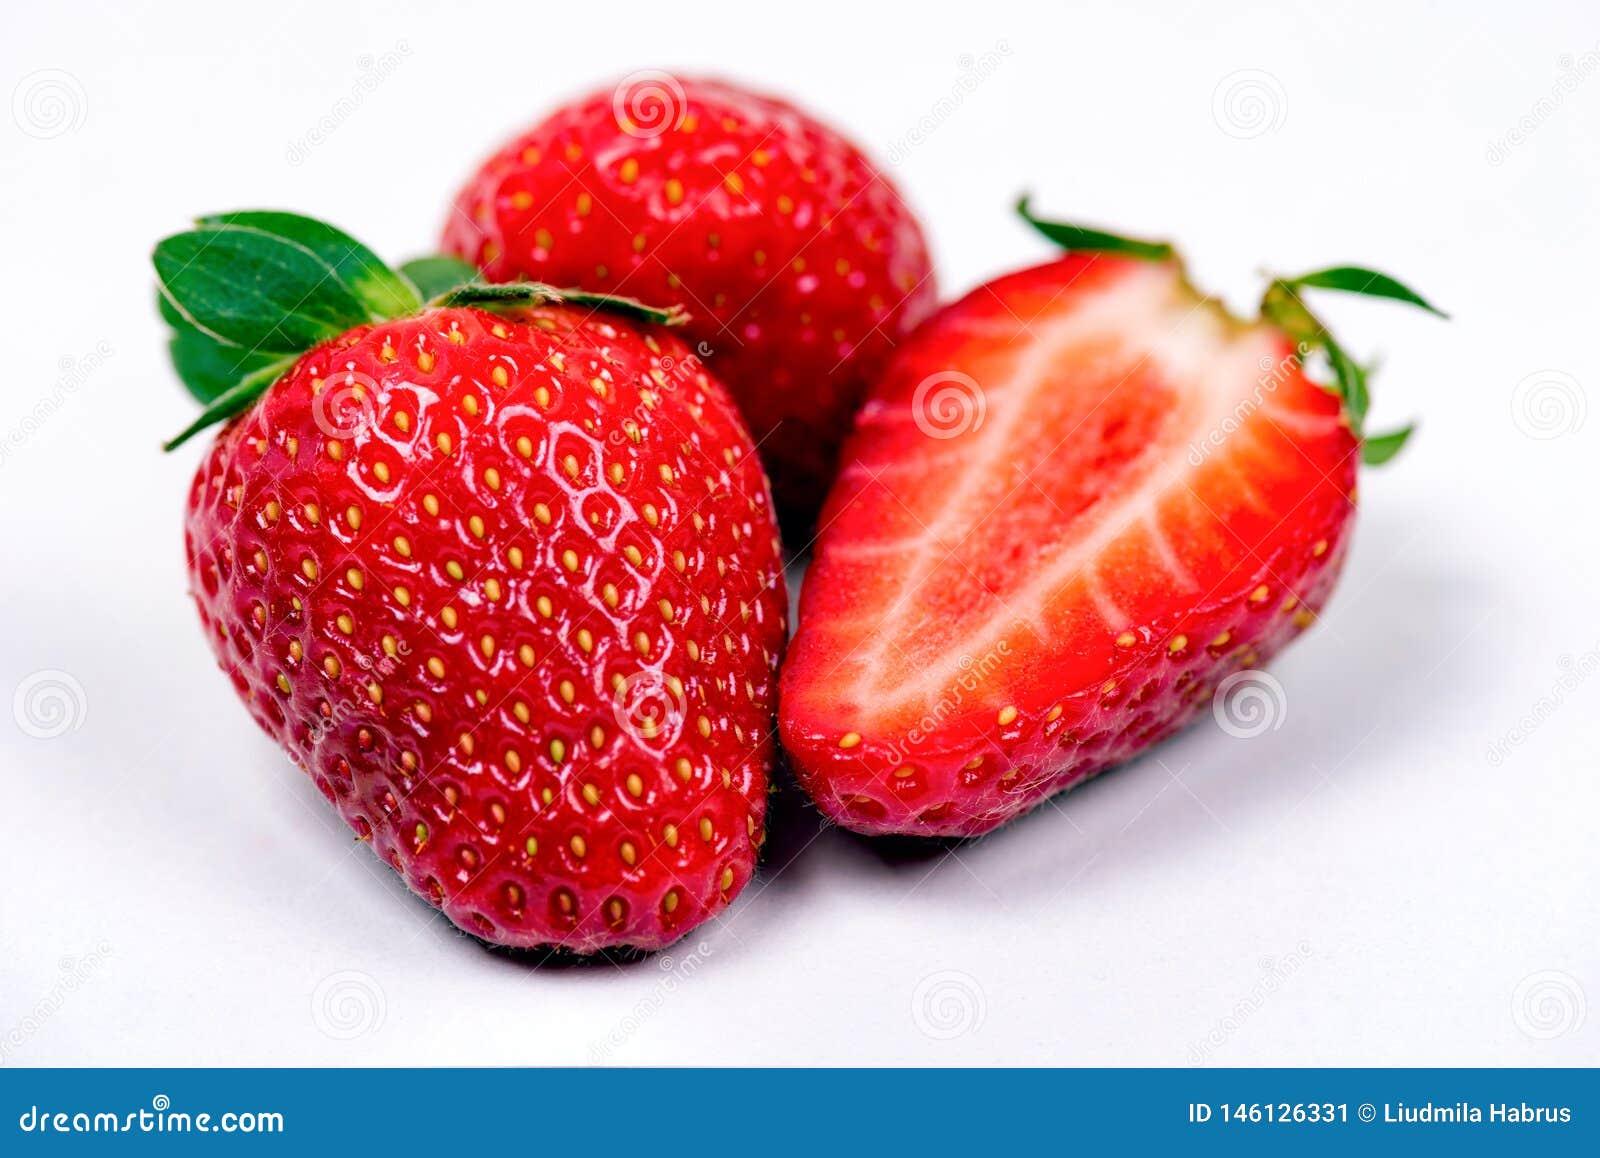 Morango vermelha madura doce no fundo branco